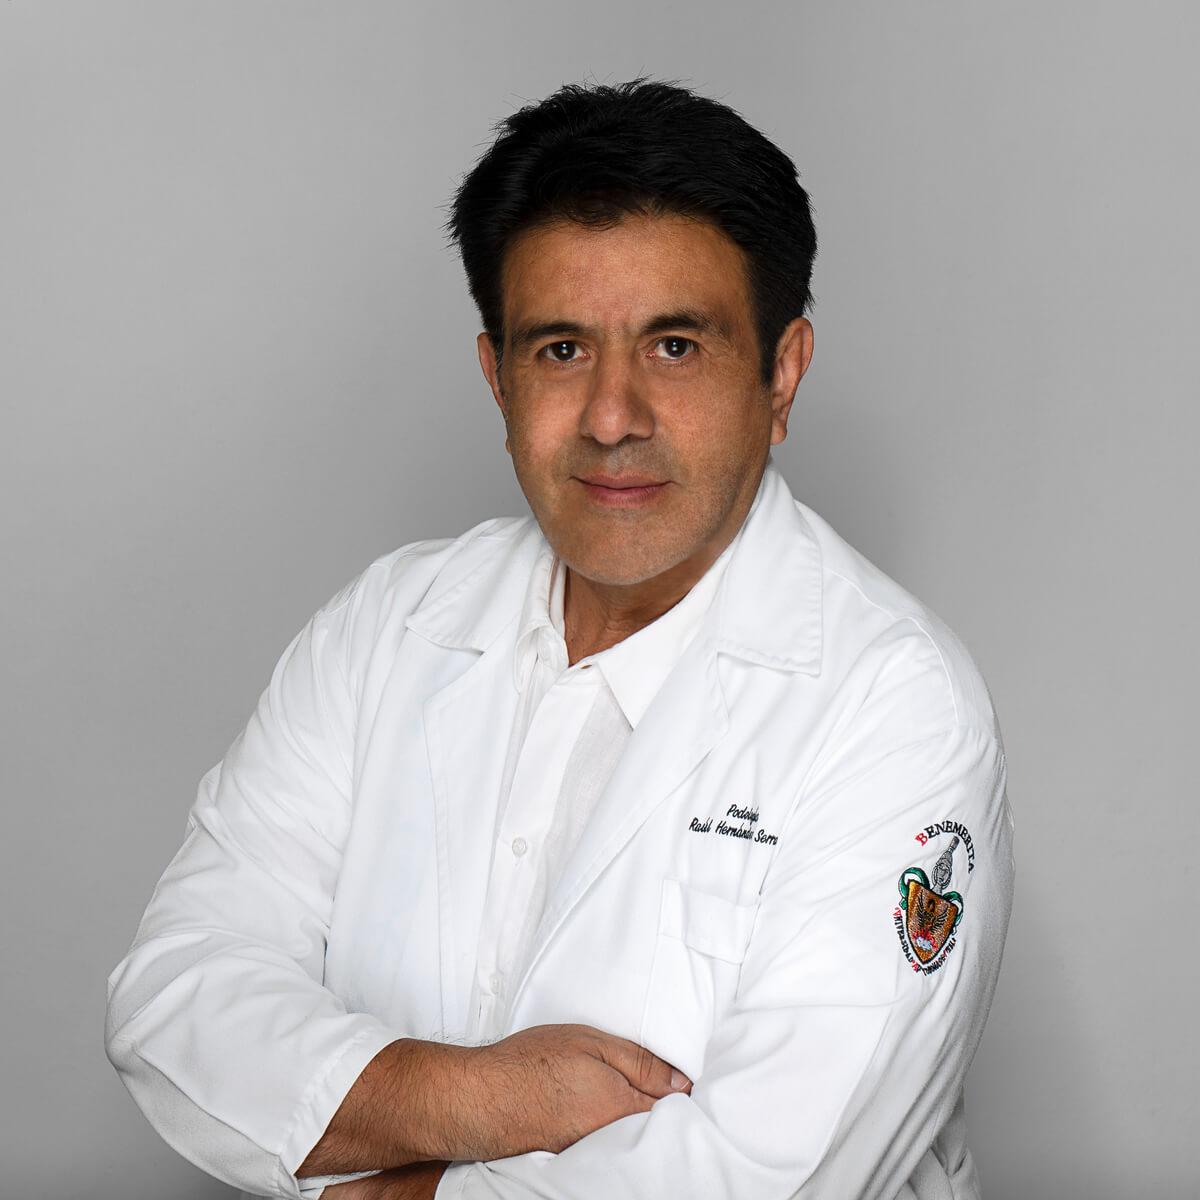 Raúl-Hernández-Podólogo